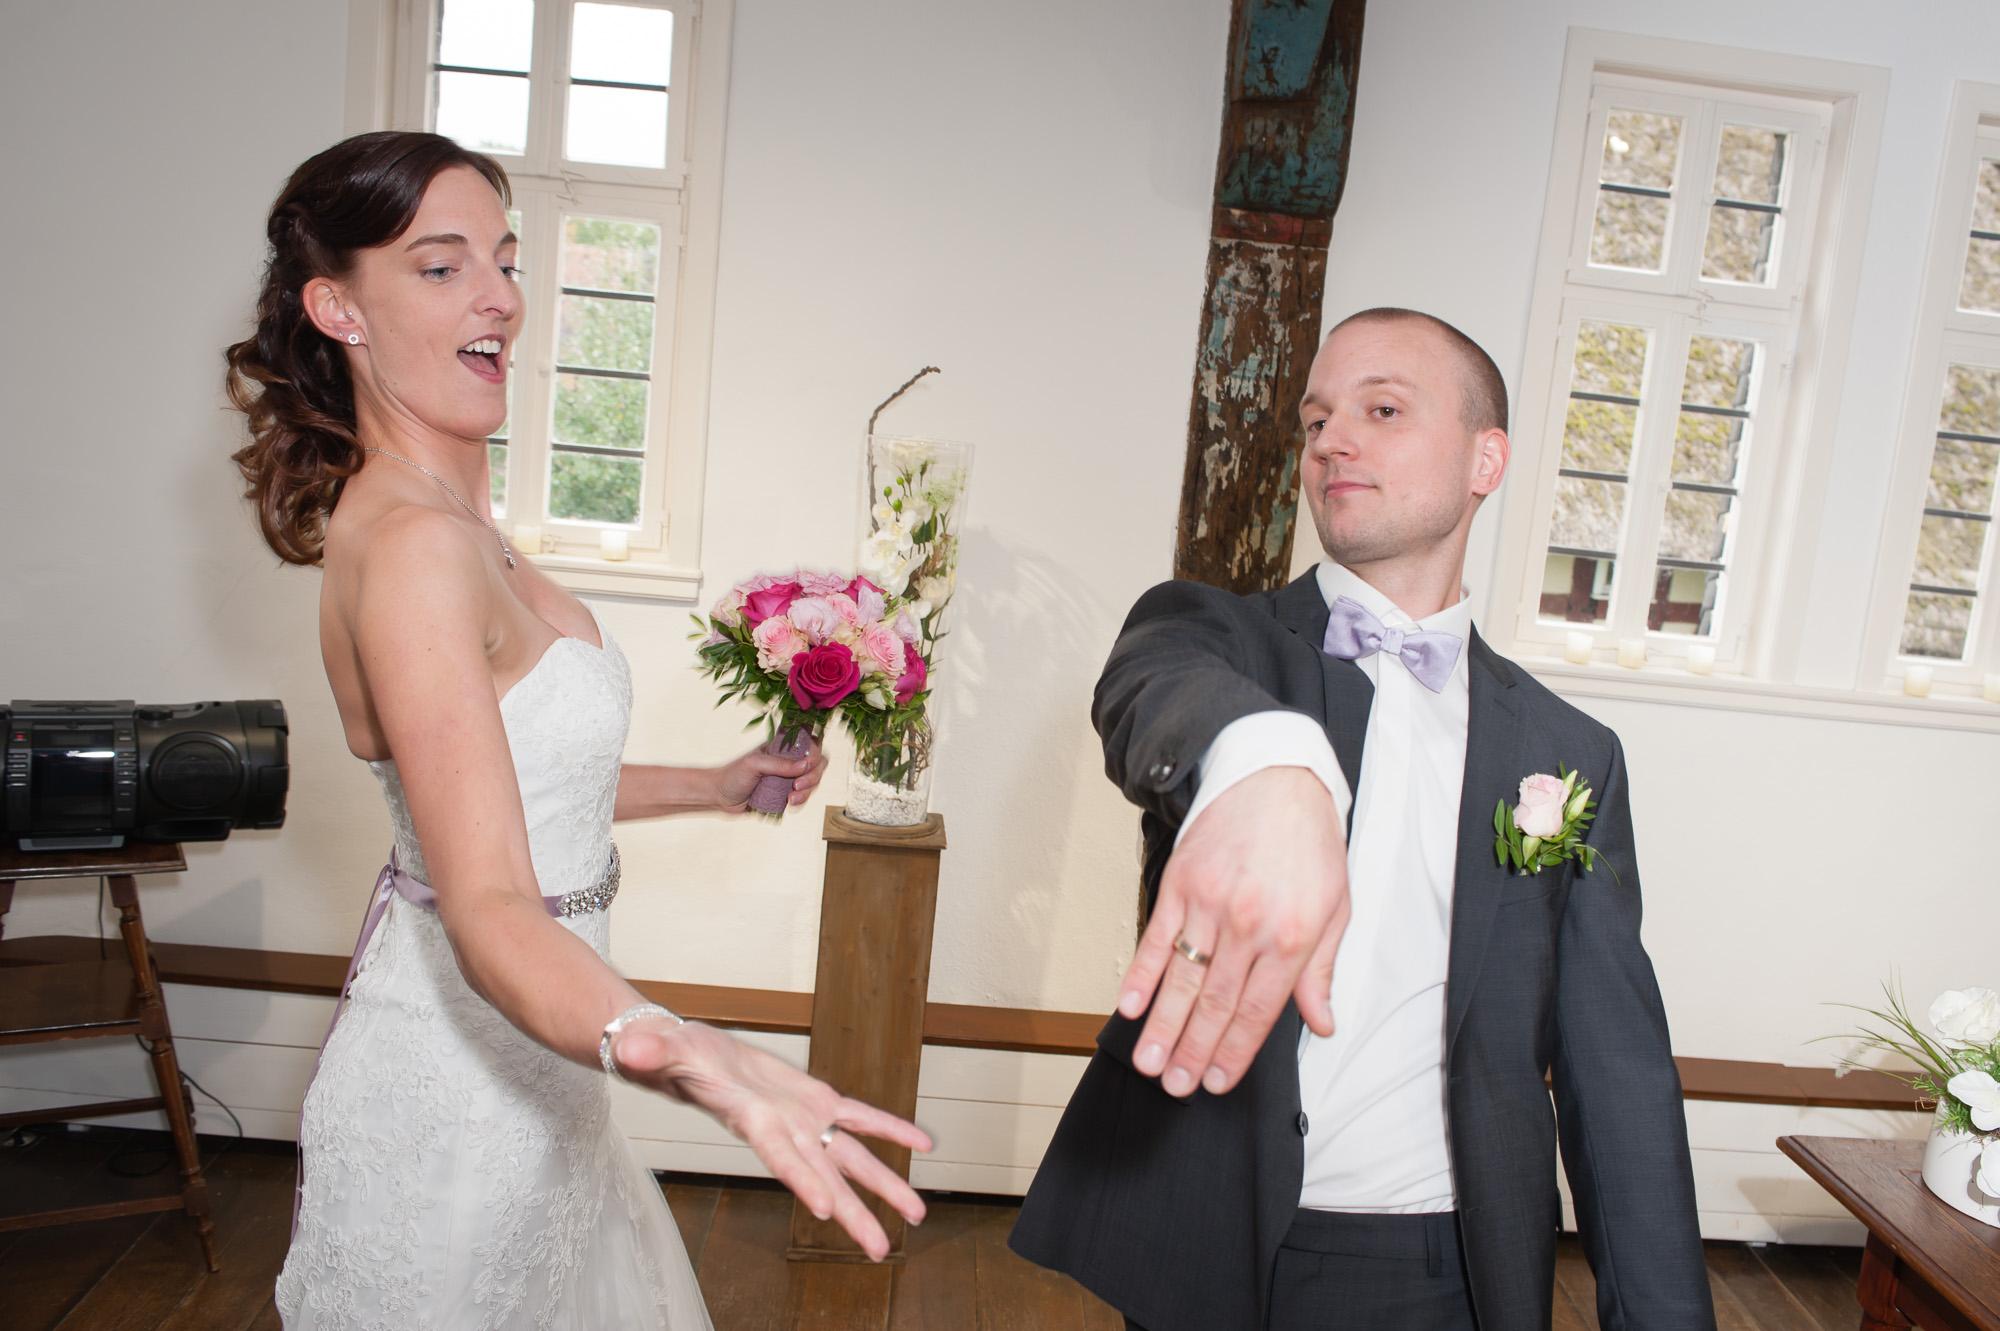 Hochzeit NadineKai 10 2017 B2000 226885 - Strickroth & Fiege Fotografie